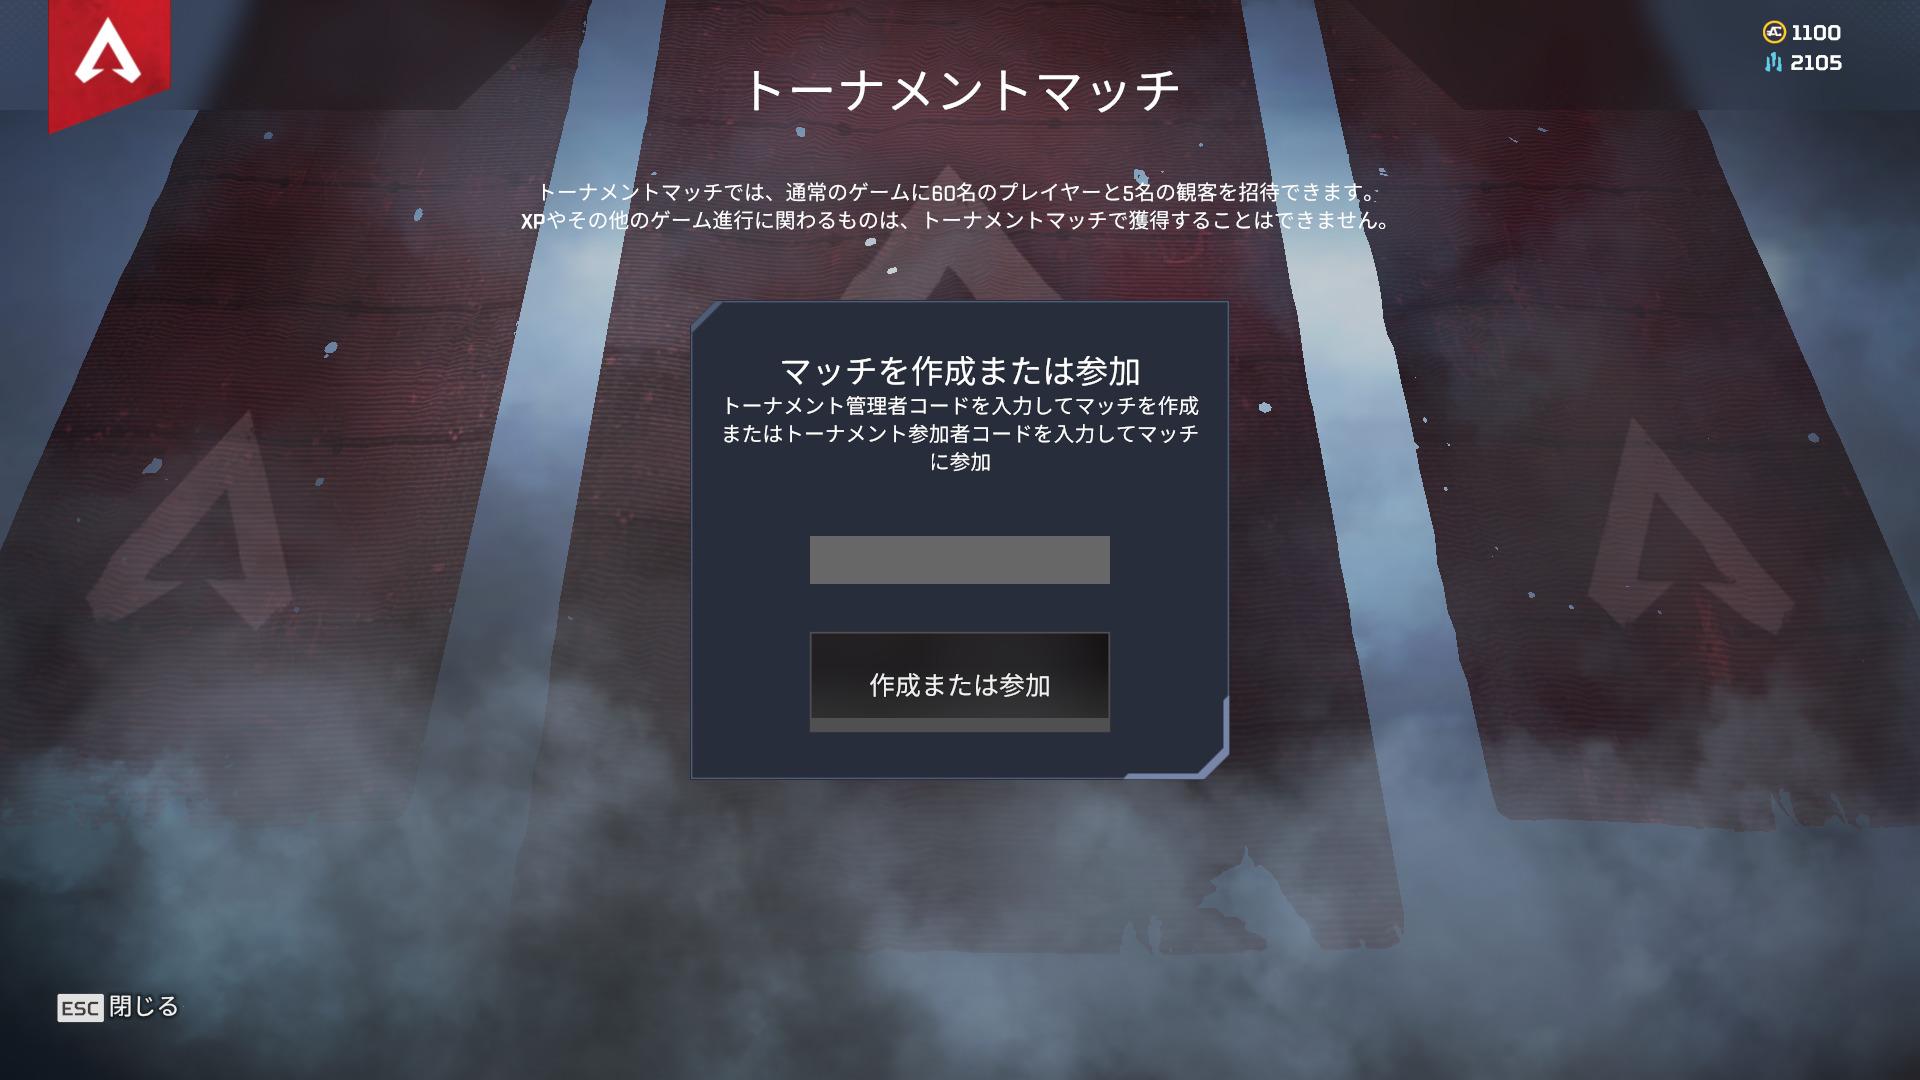 【Apex Legends】プライベートマッチ(カスタムマッチ)は誰でもできる?フレンドだけで試合する方法を徹底調査!